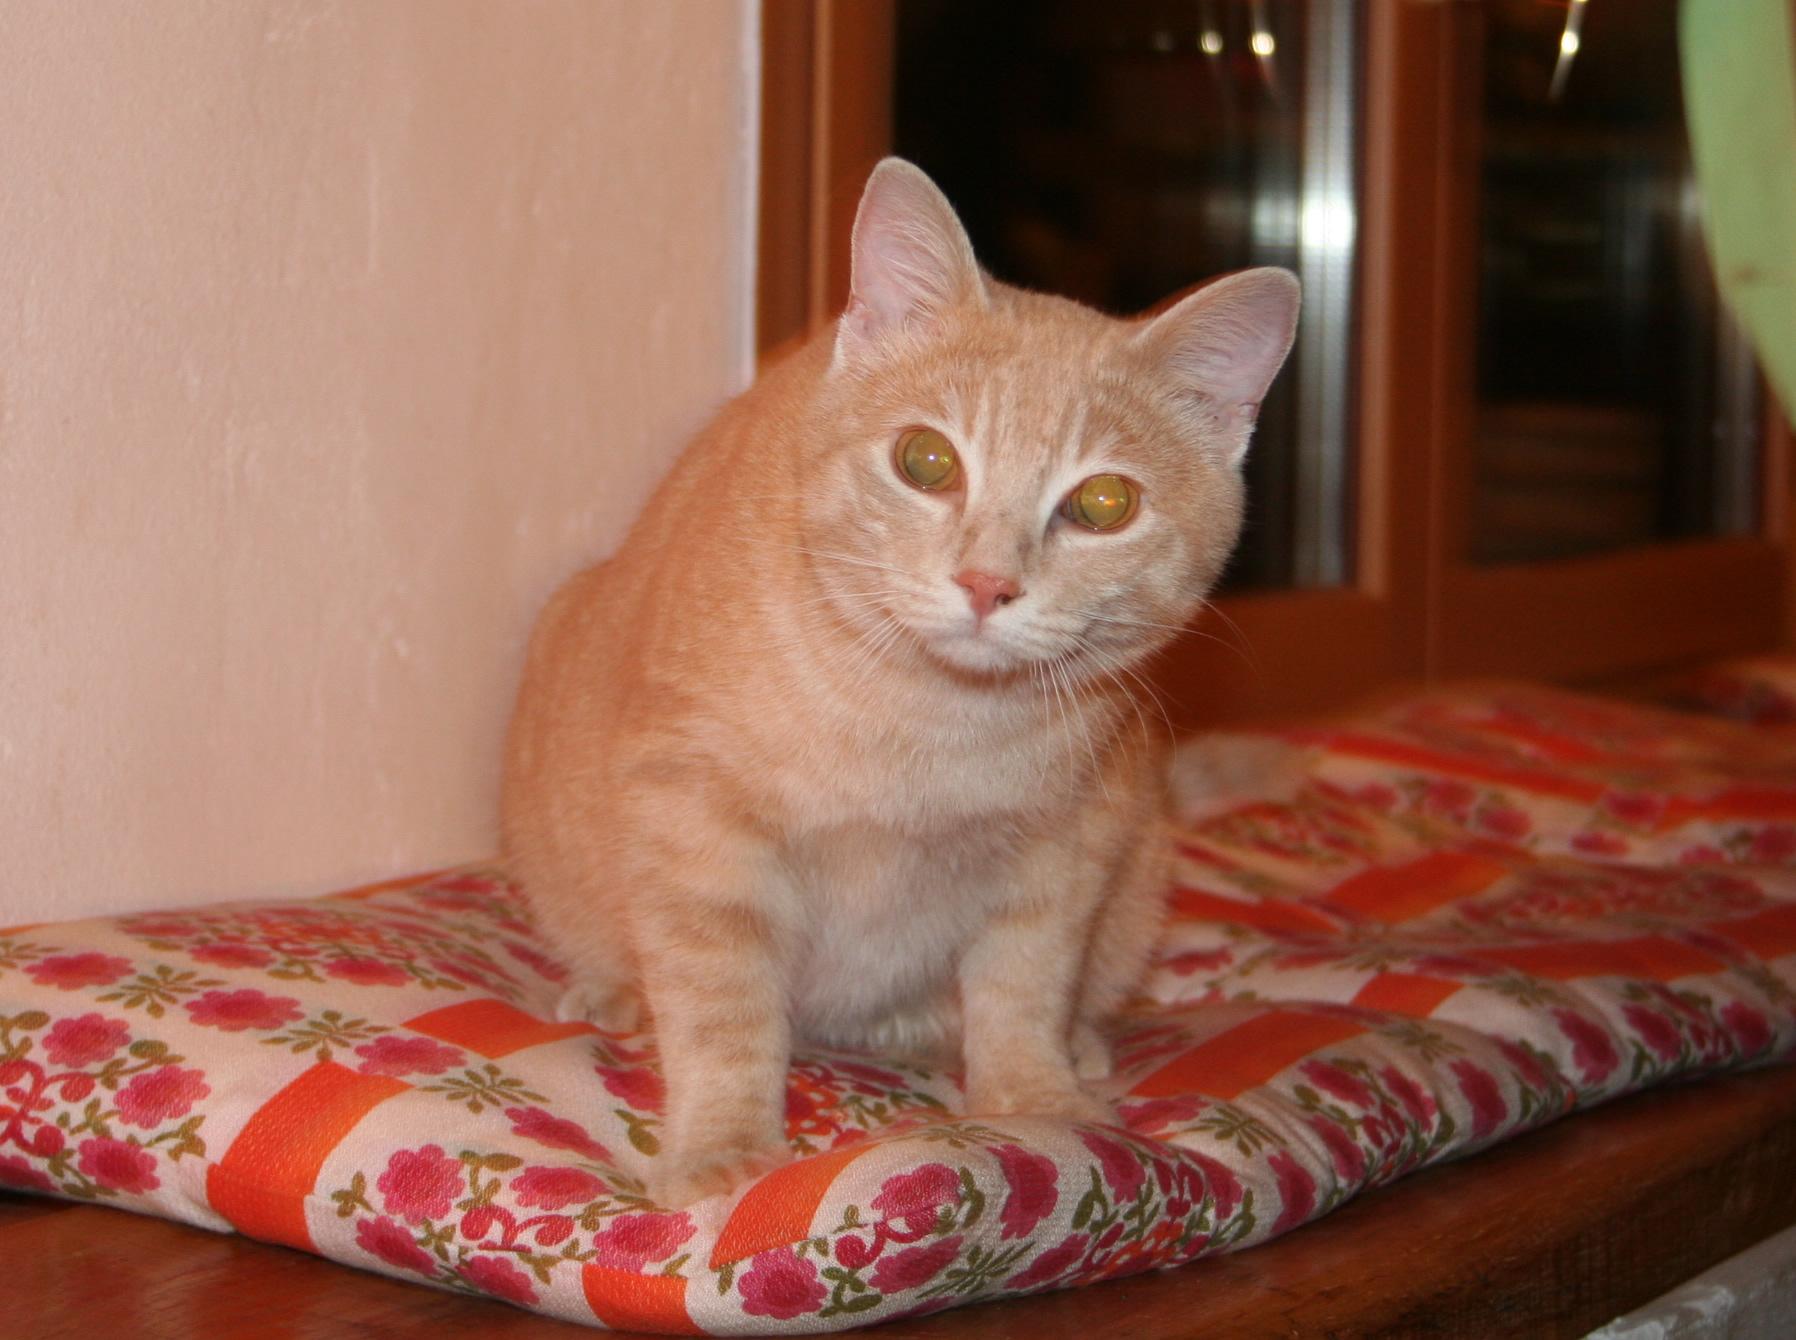 Uno dei miei gatti